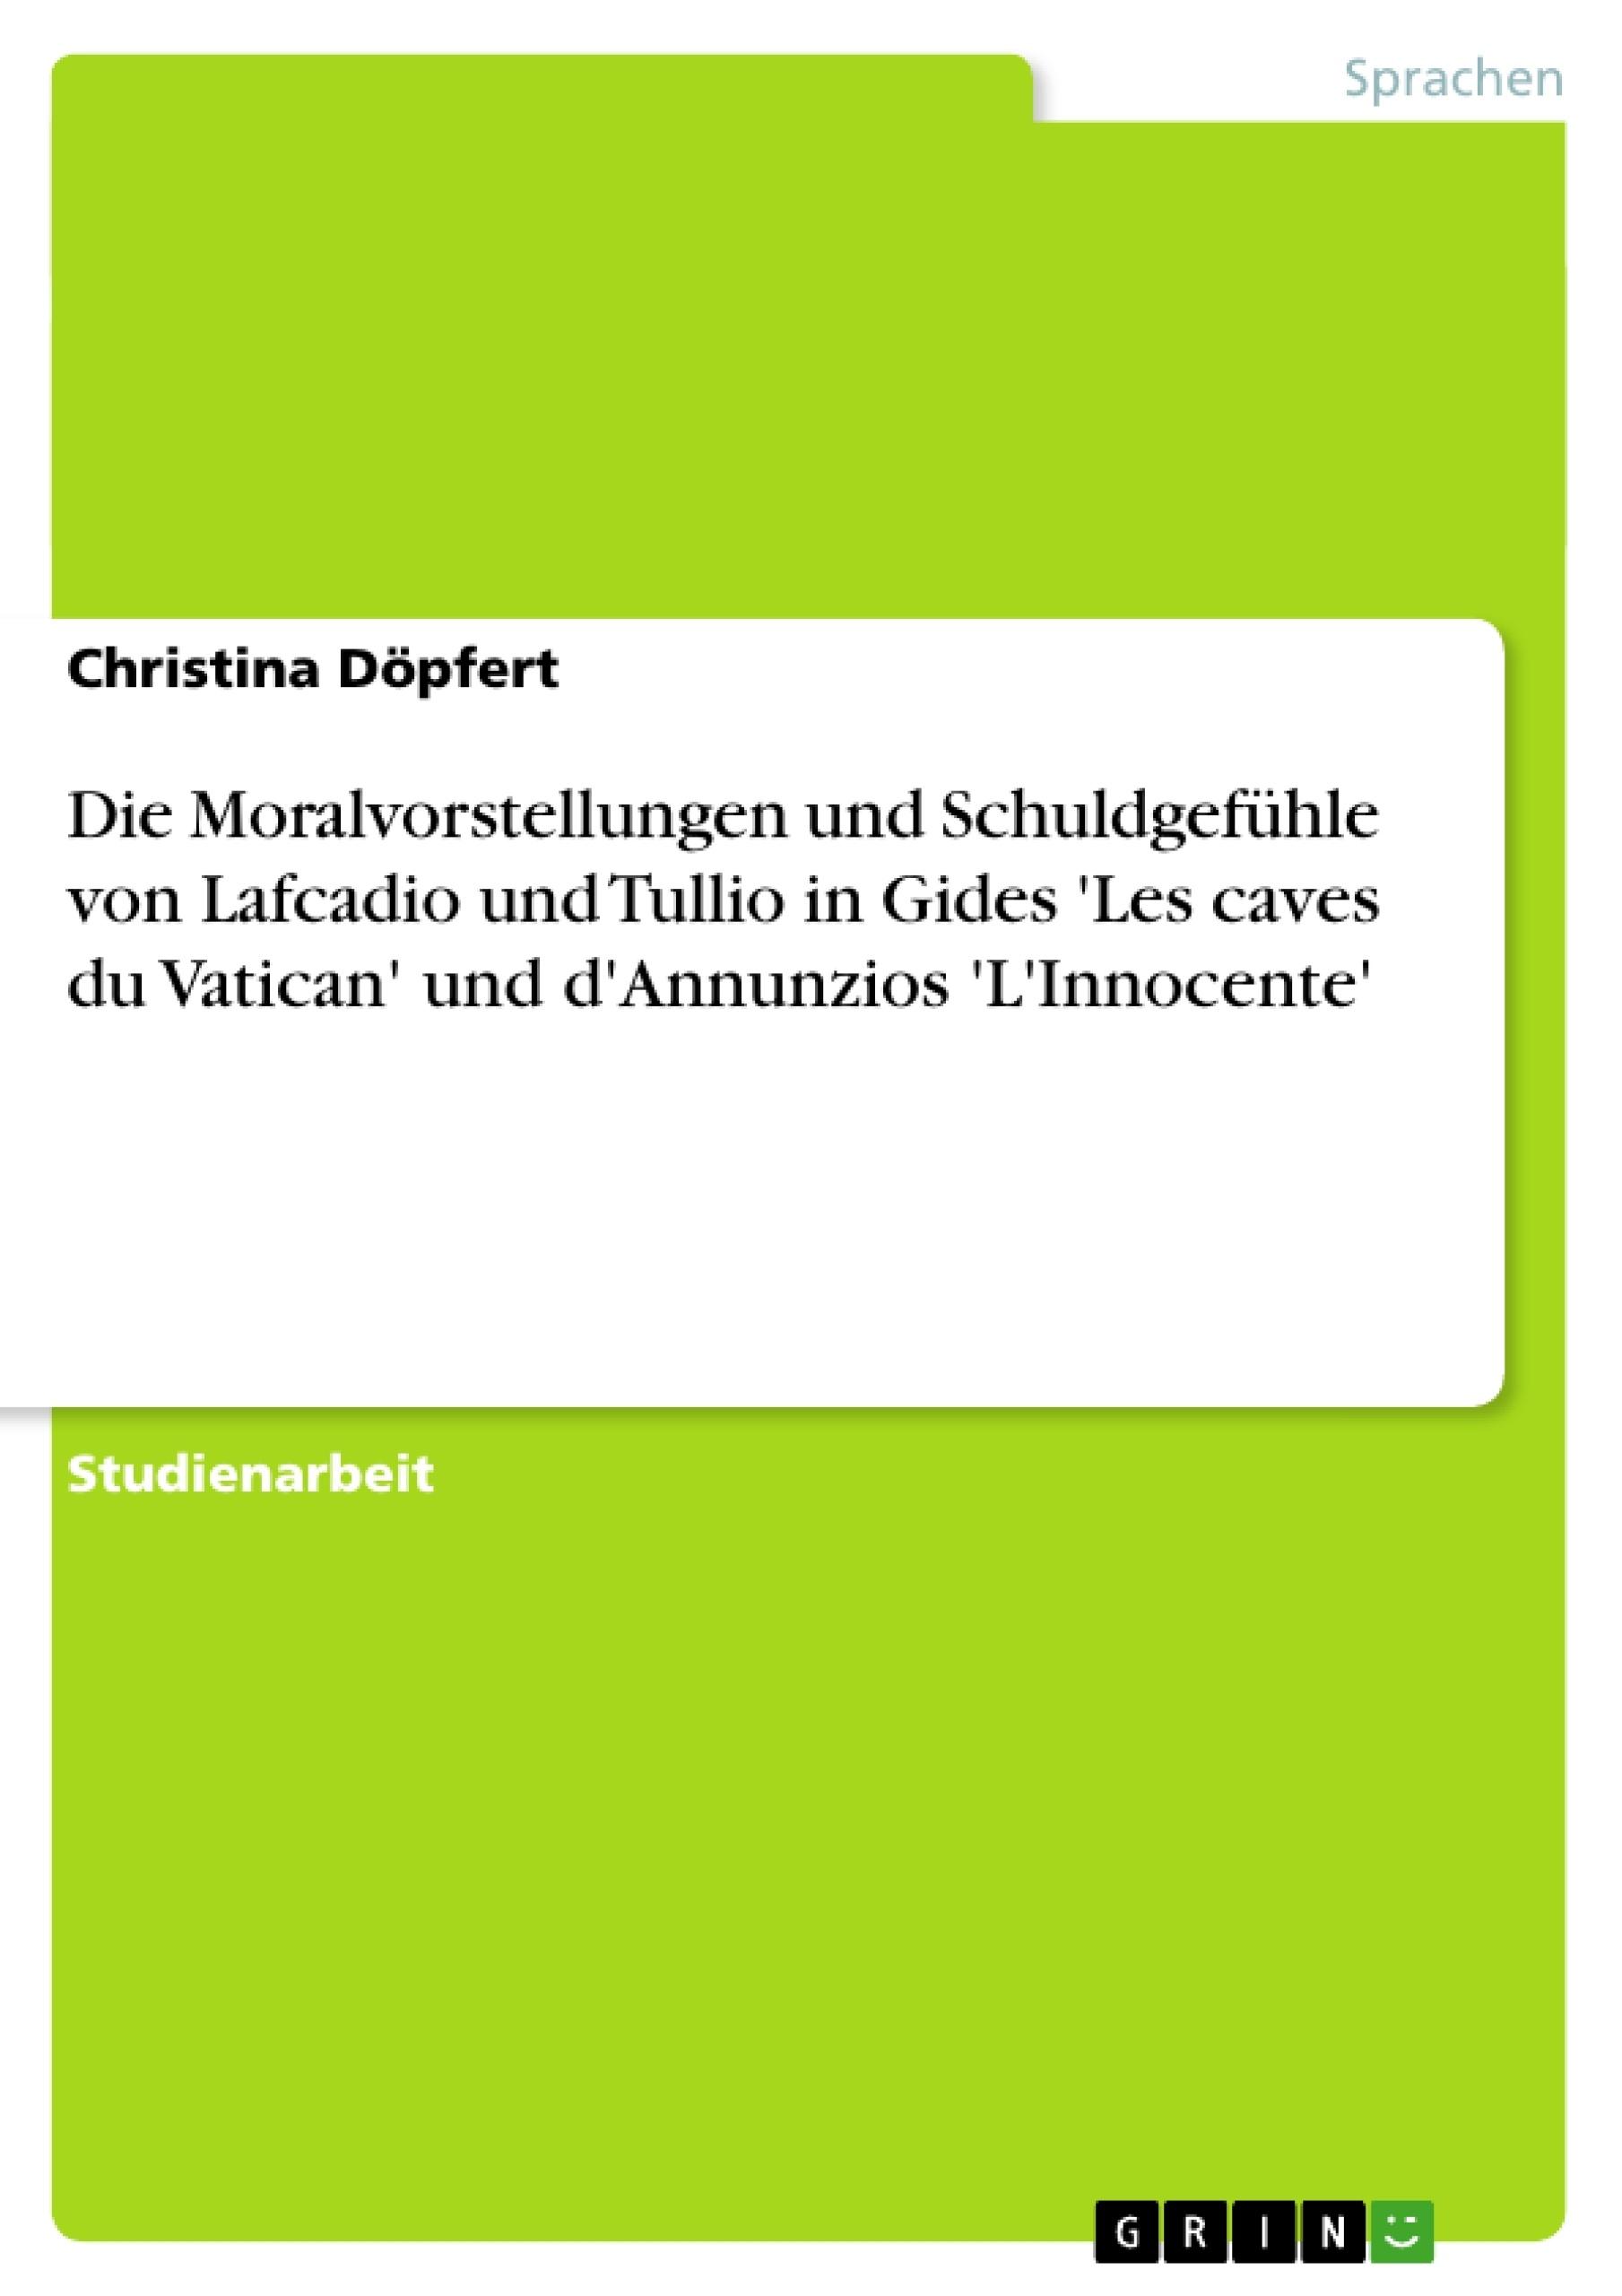 Titel: Die Moralvorstellungen und Schuldgefühle von Lafcadio und Tullio in Gides 'Les caves du Vatican' und d'Annunzios 'L'Innocente'